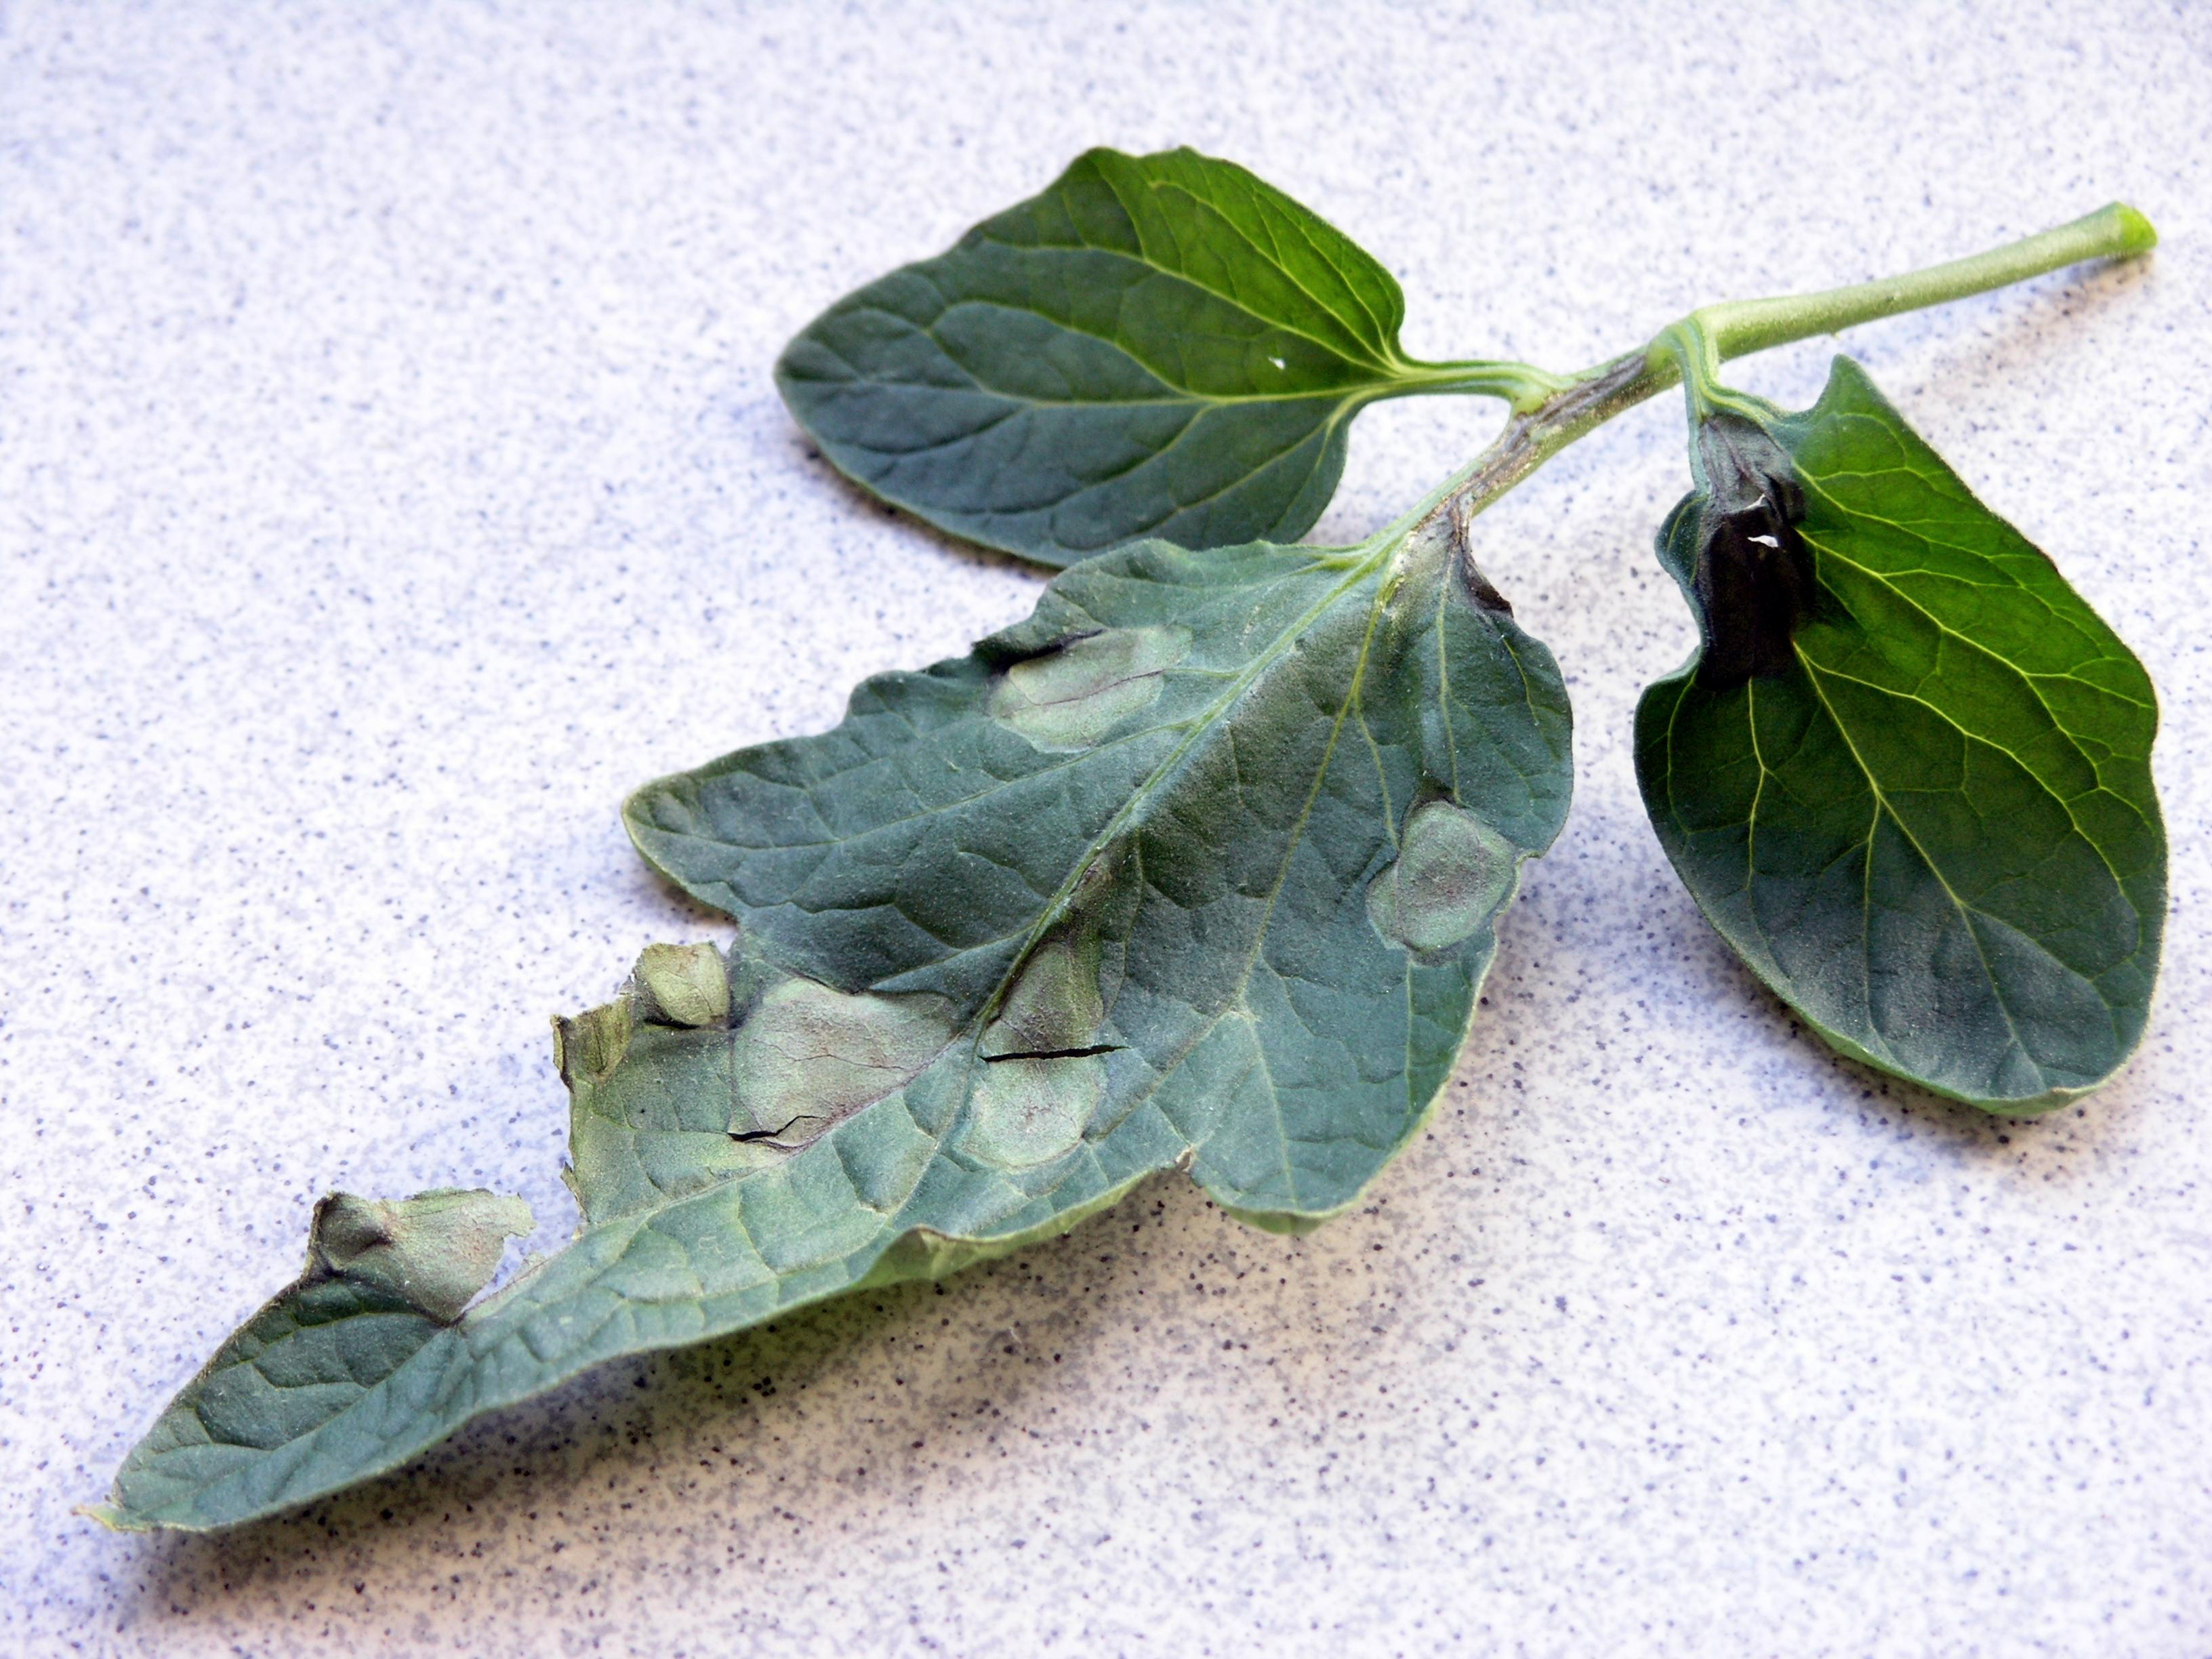 Von der Kraut- und Braunfäule befallene Tomatenblätter